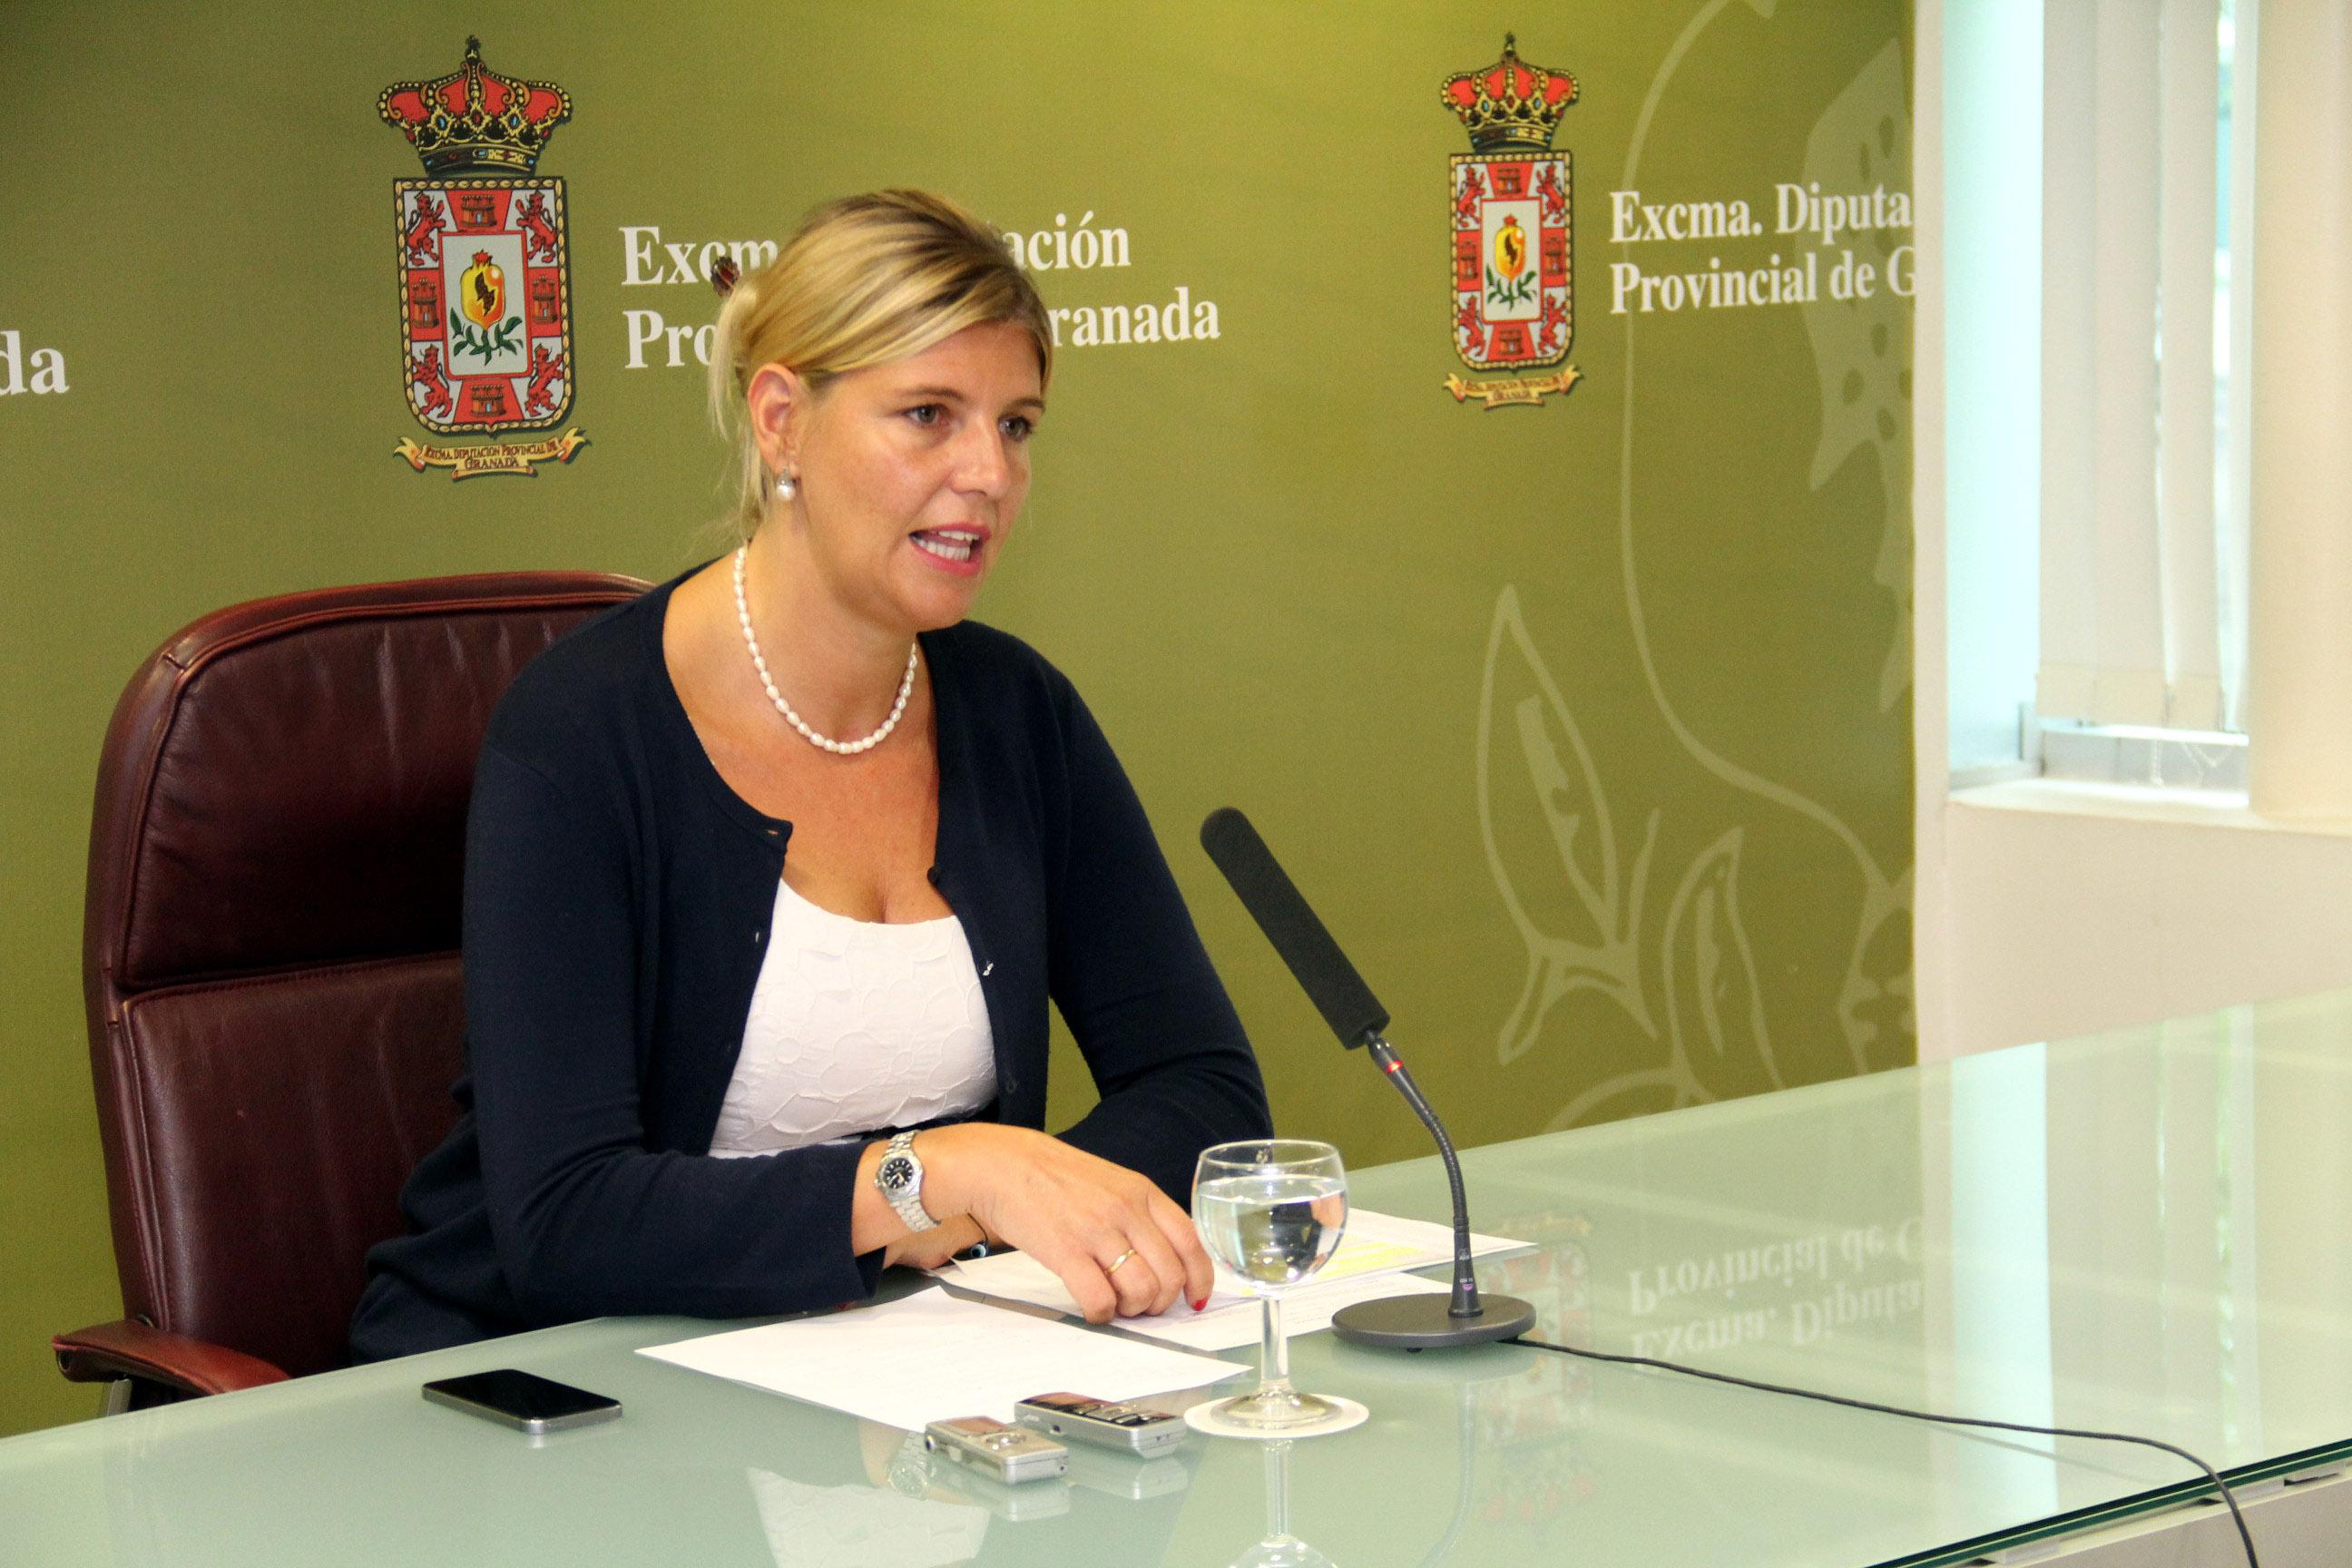 Inmaculada Hernández